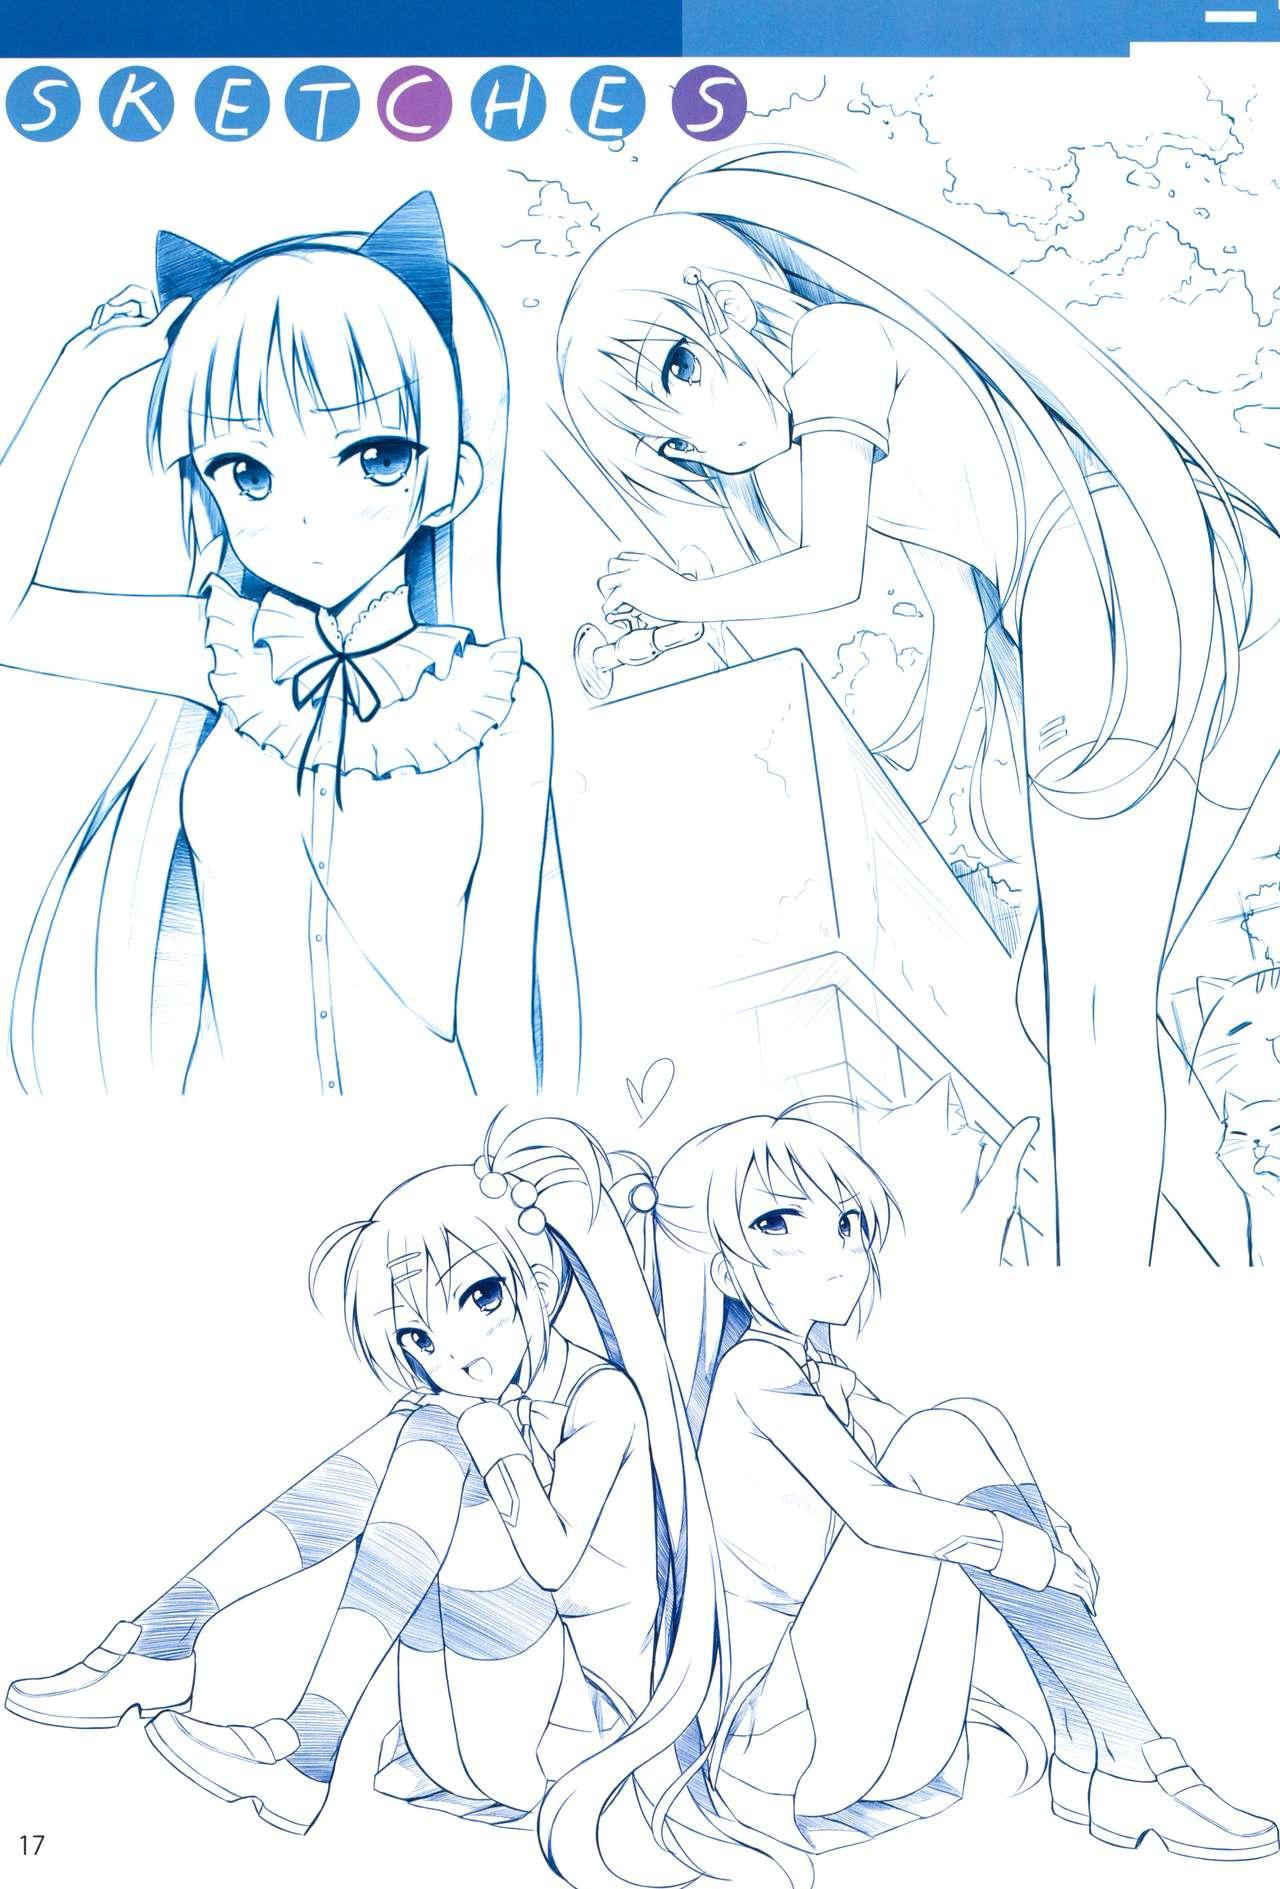 Shironeko 16